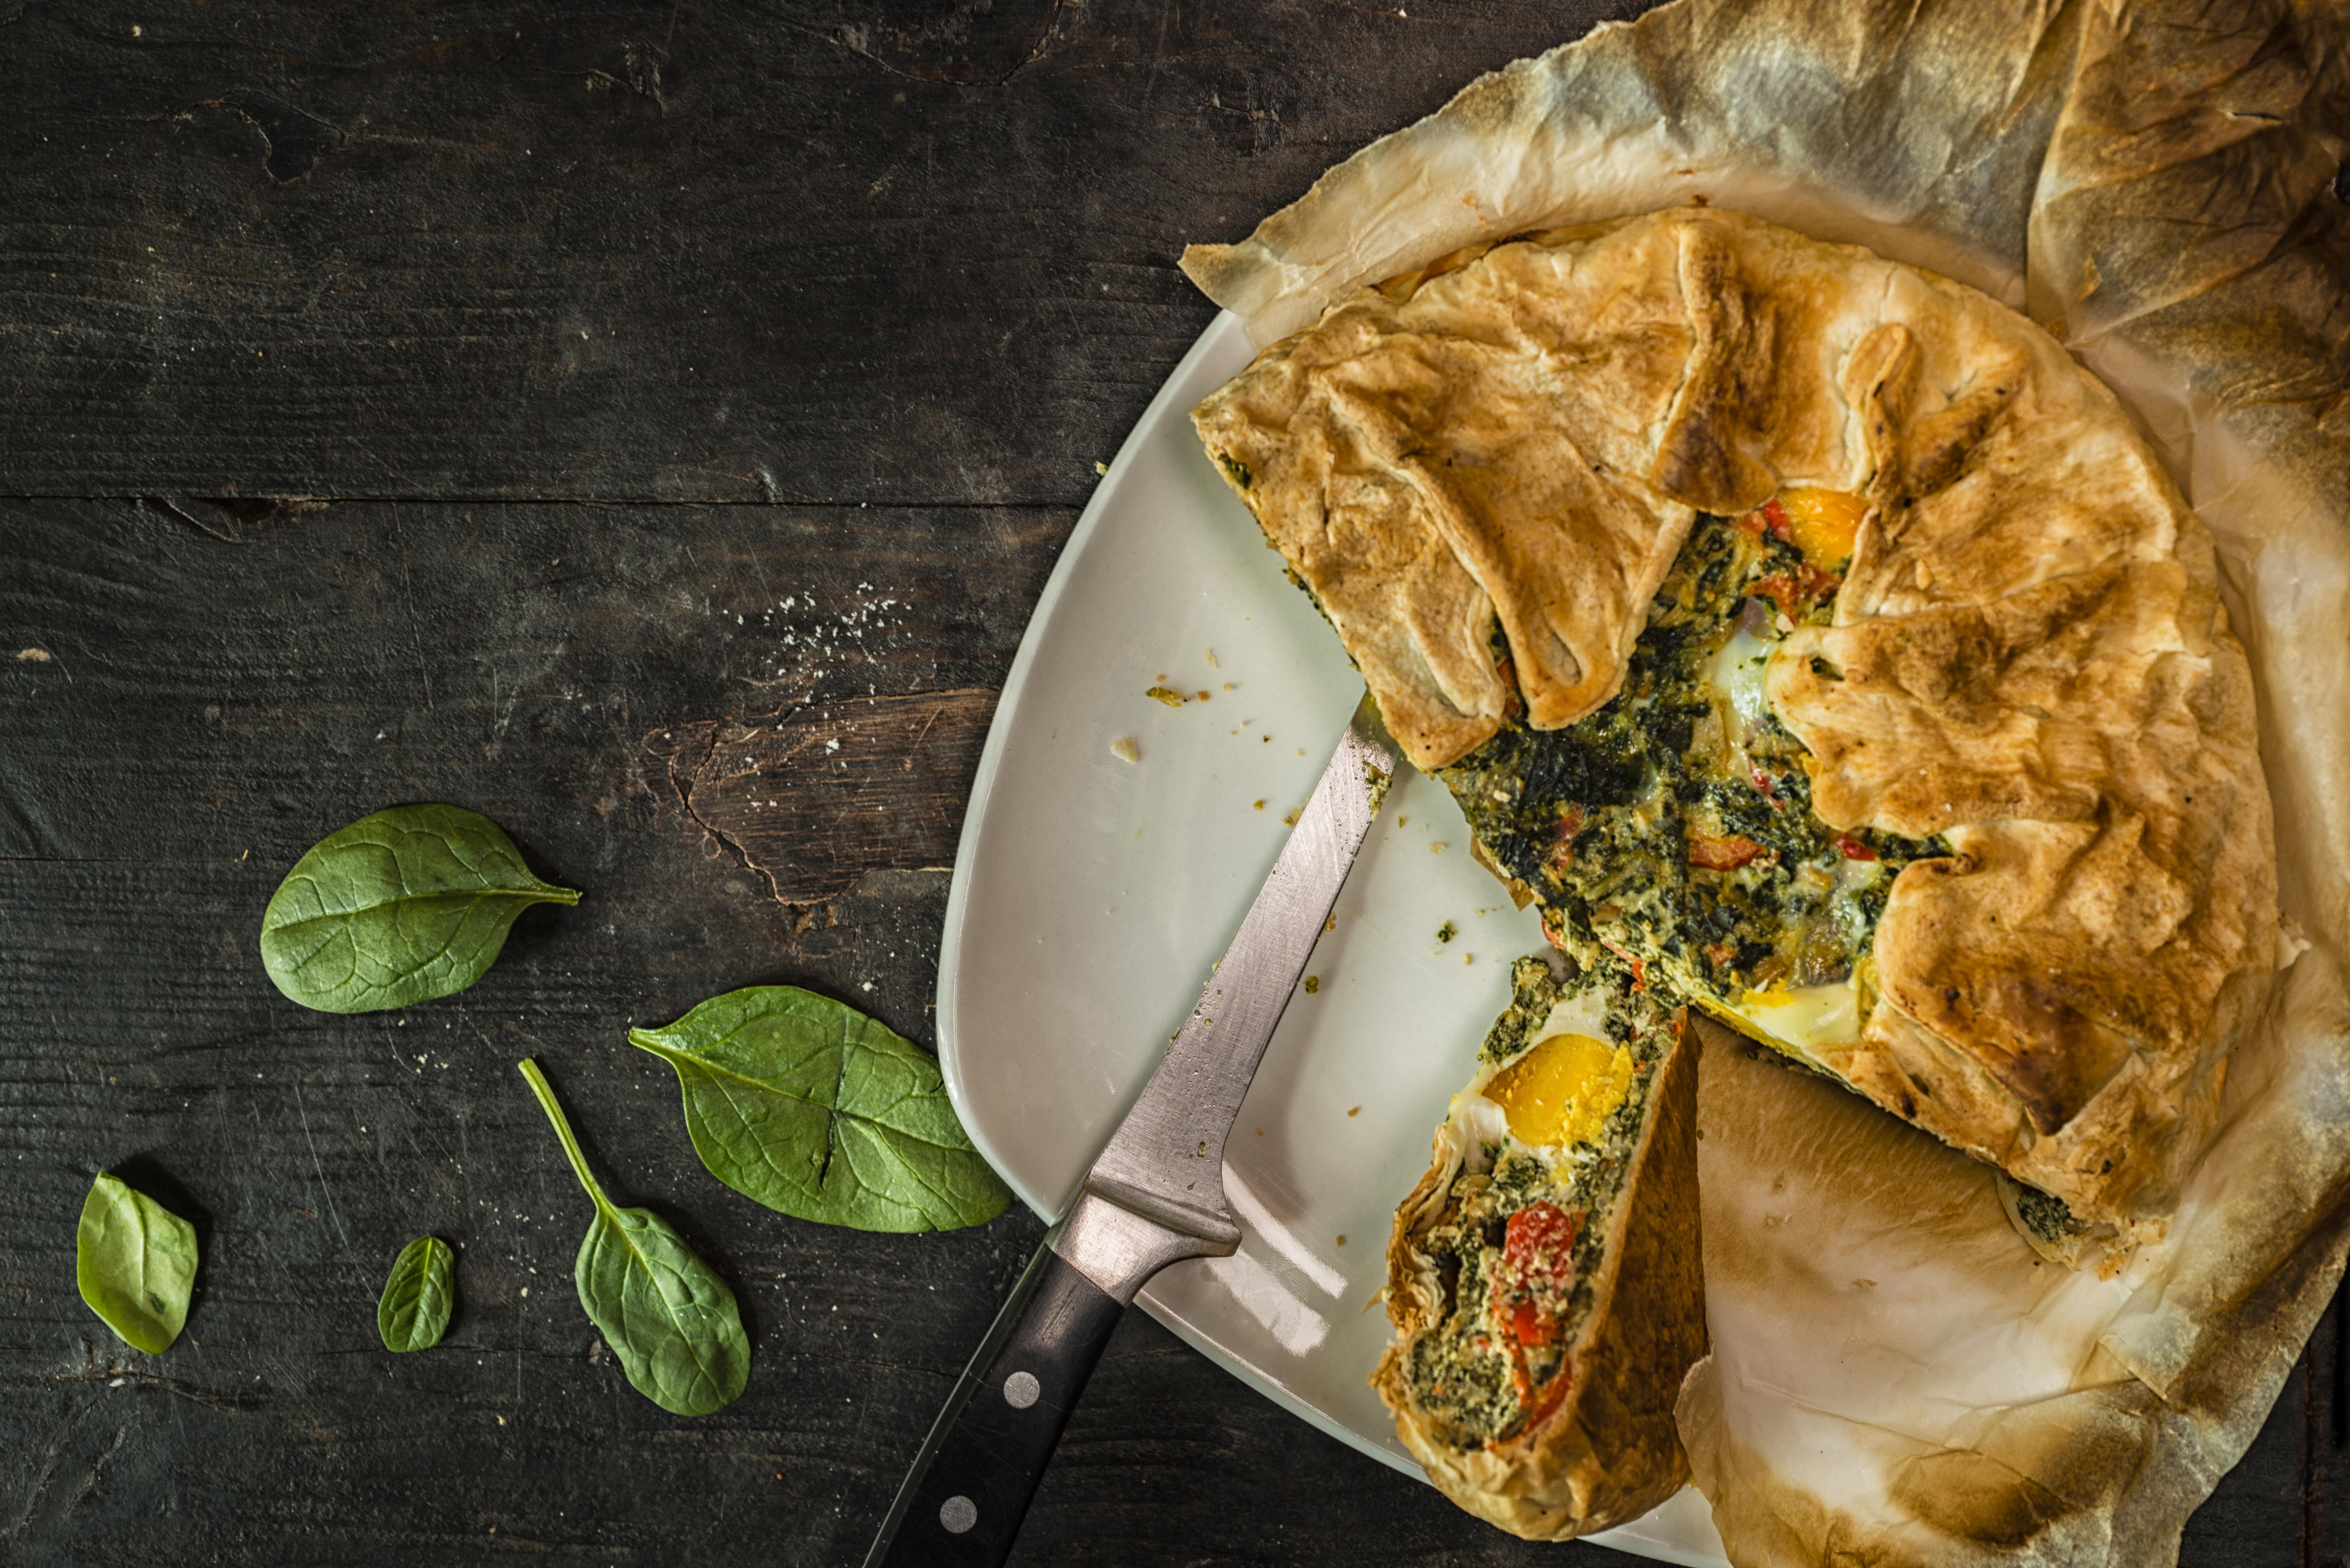 shutterstock_558401770 veckans recept TT torta pasqualina italiensk påskpaj paj till påsk påskmat påskbuffe.jpg